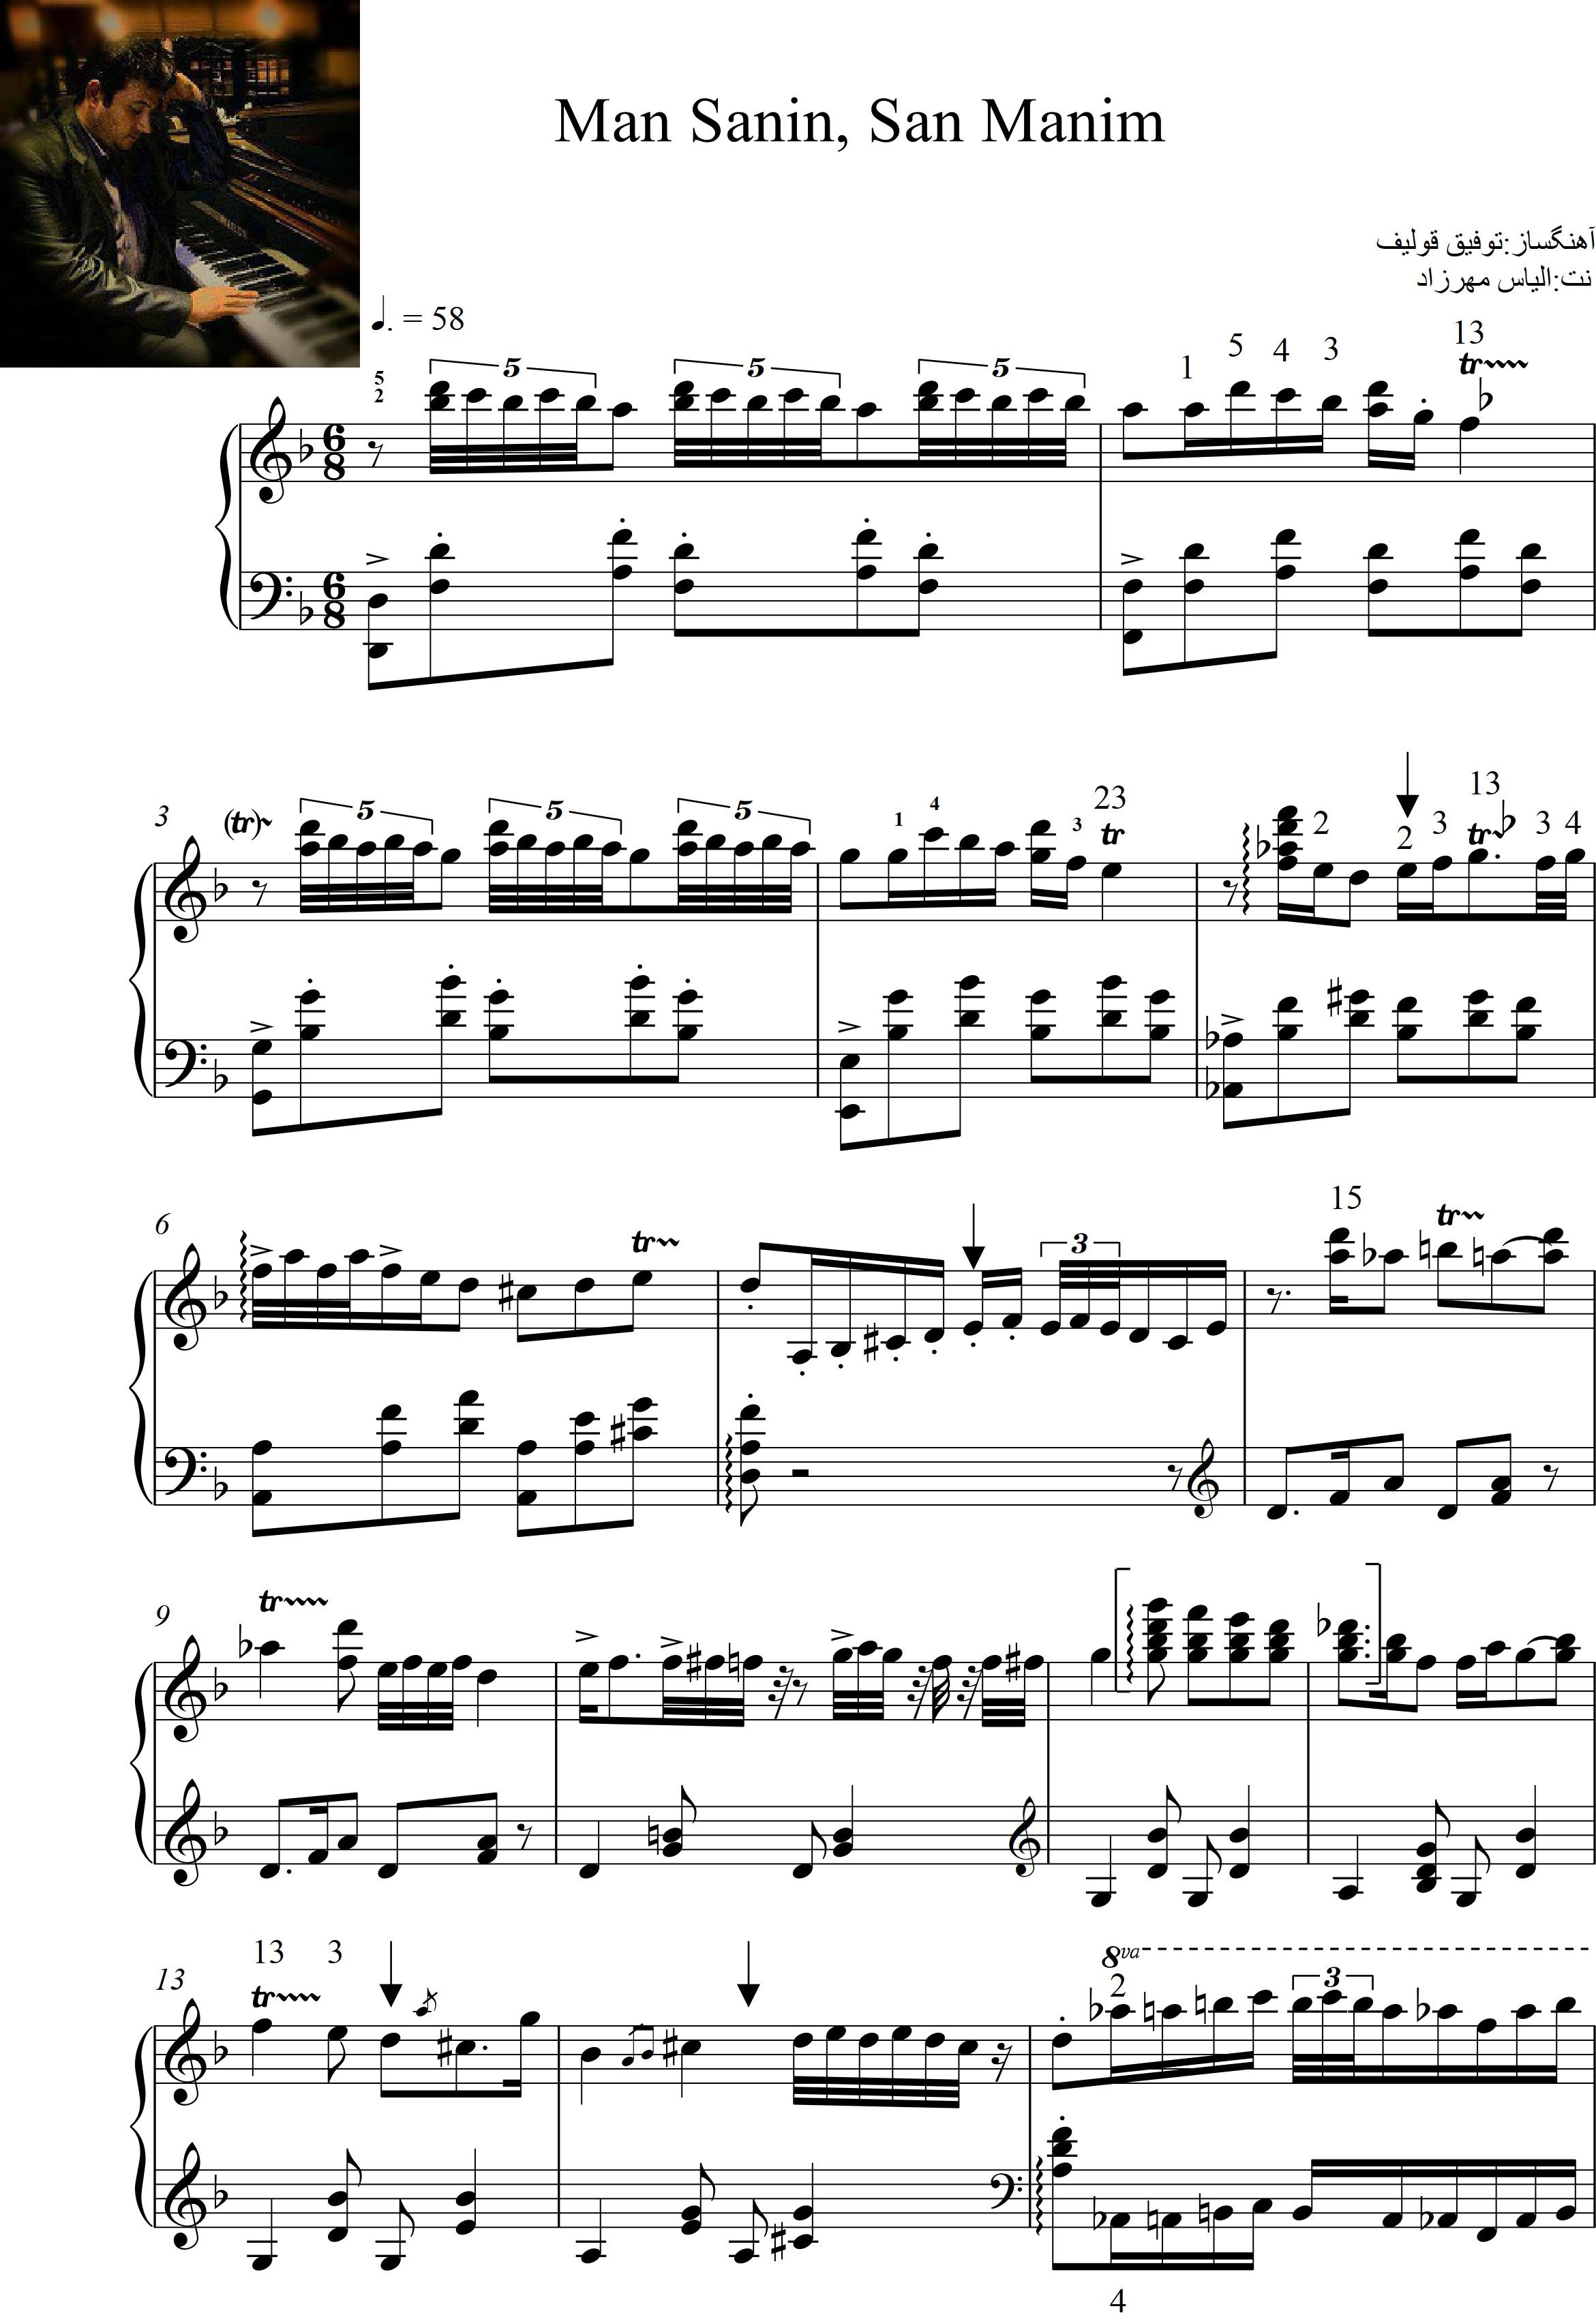 دانلود نت پیانو و آواز هارداسان